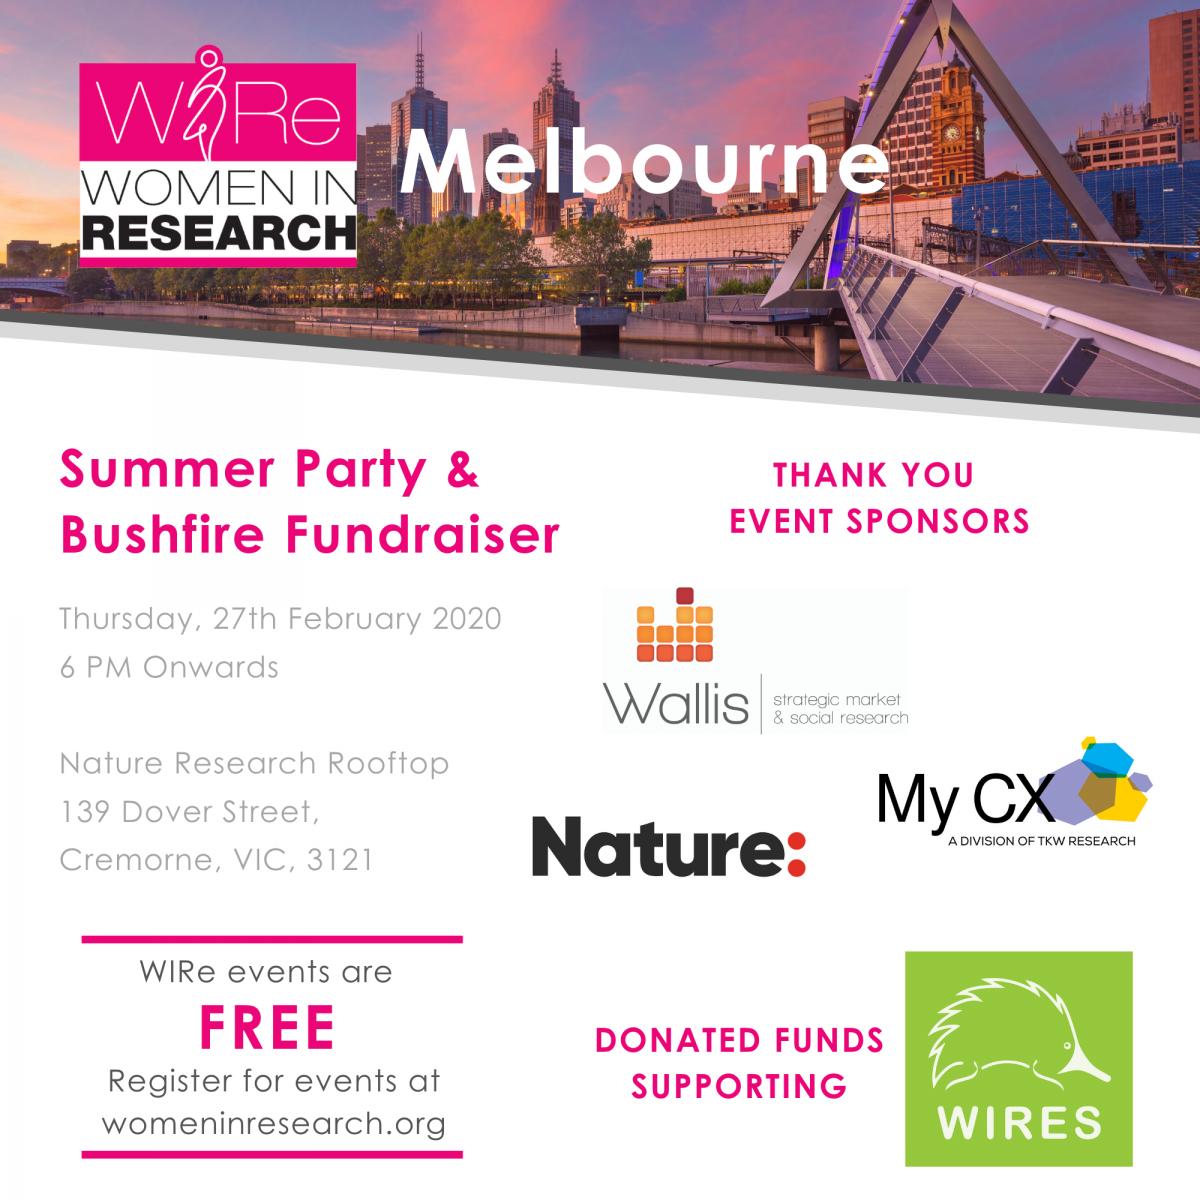 Summer Party & Bushfire Fundraiser